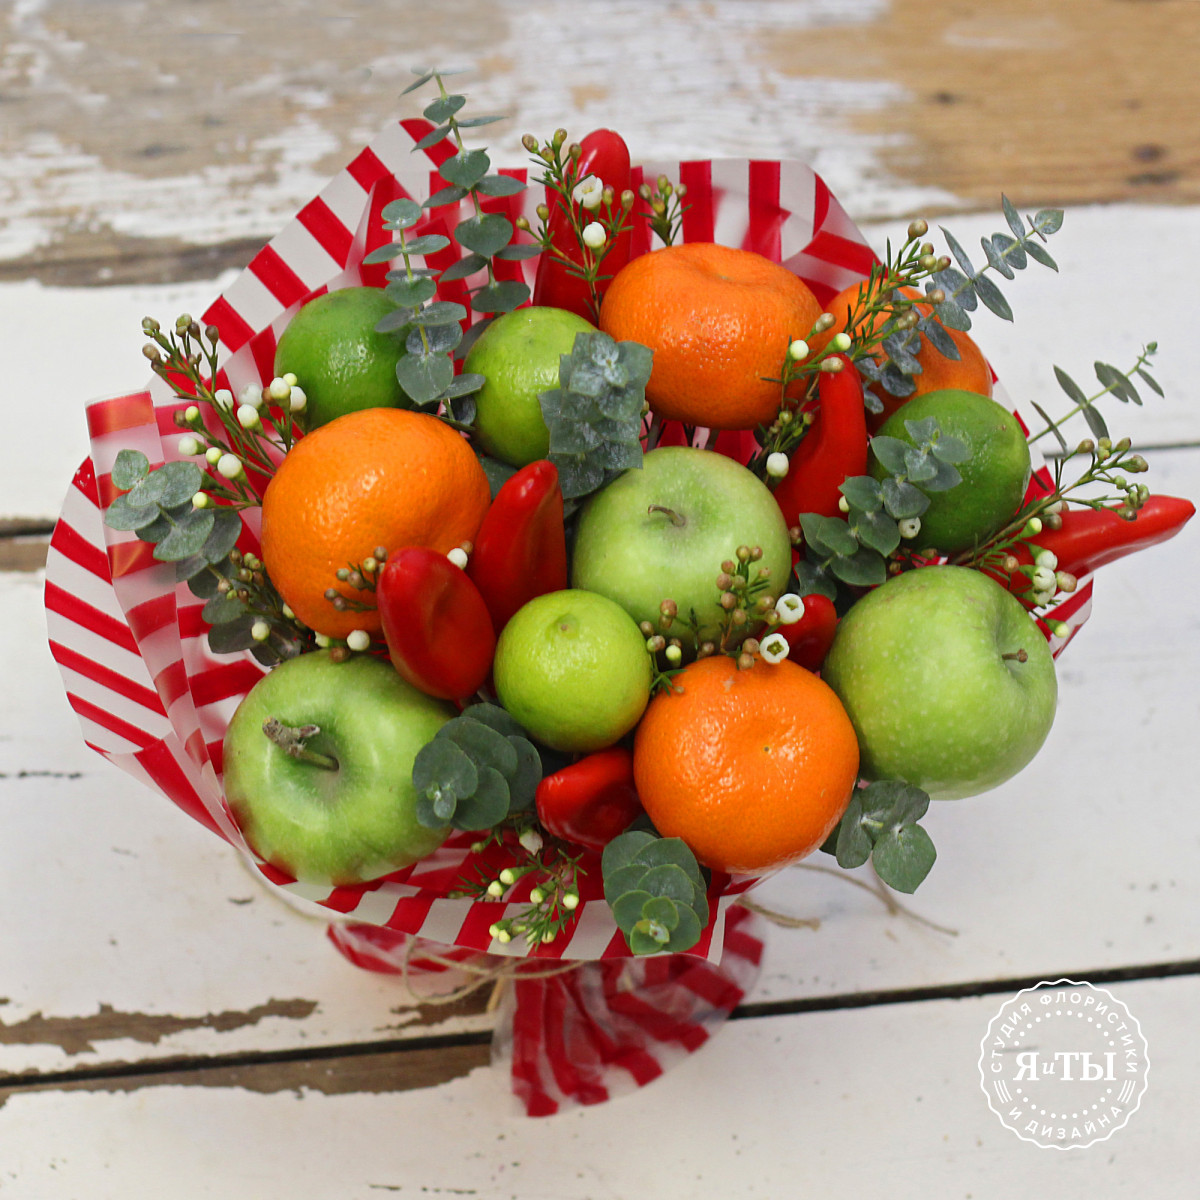 Фруктовый букет с мандаринами и яблоками